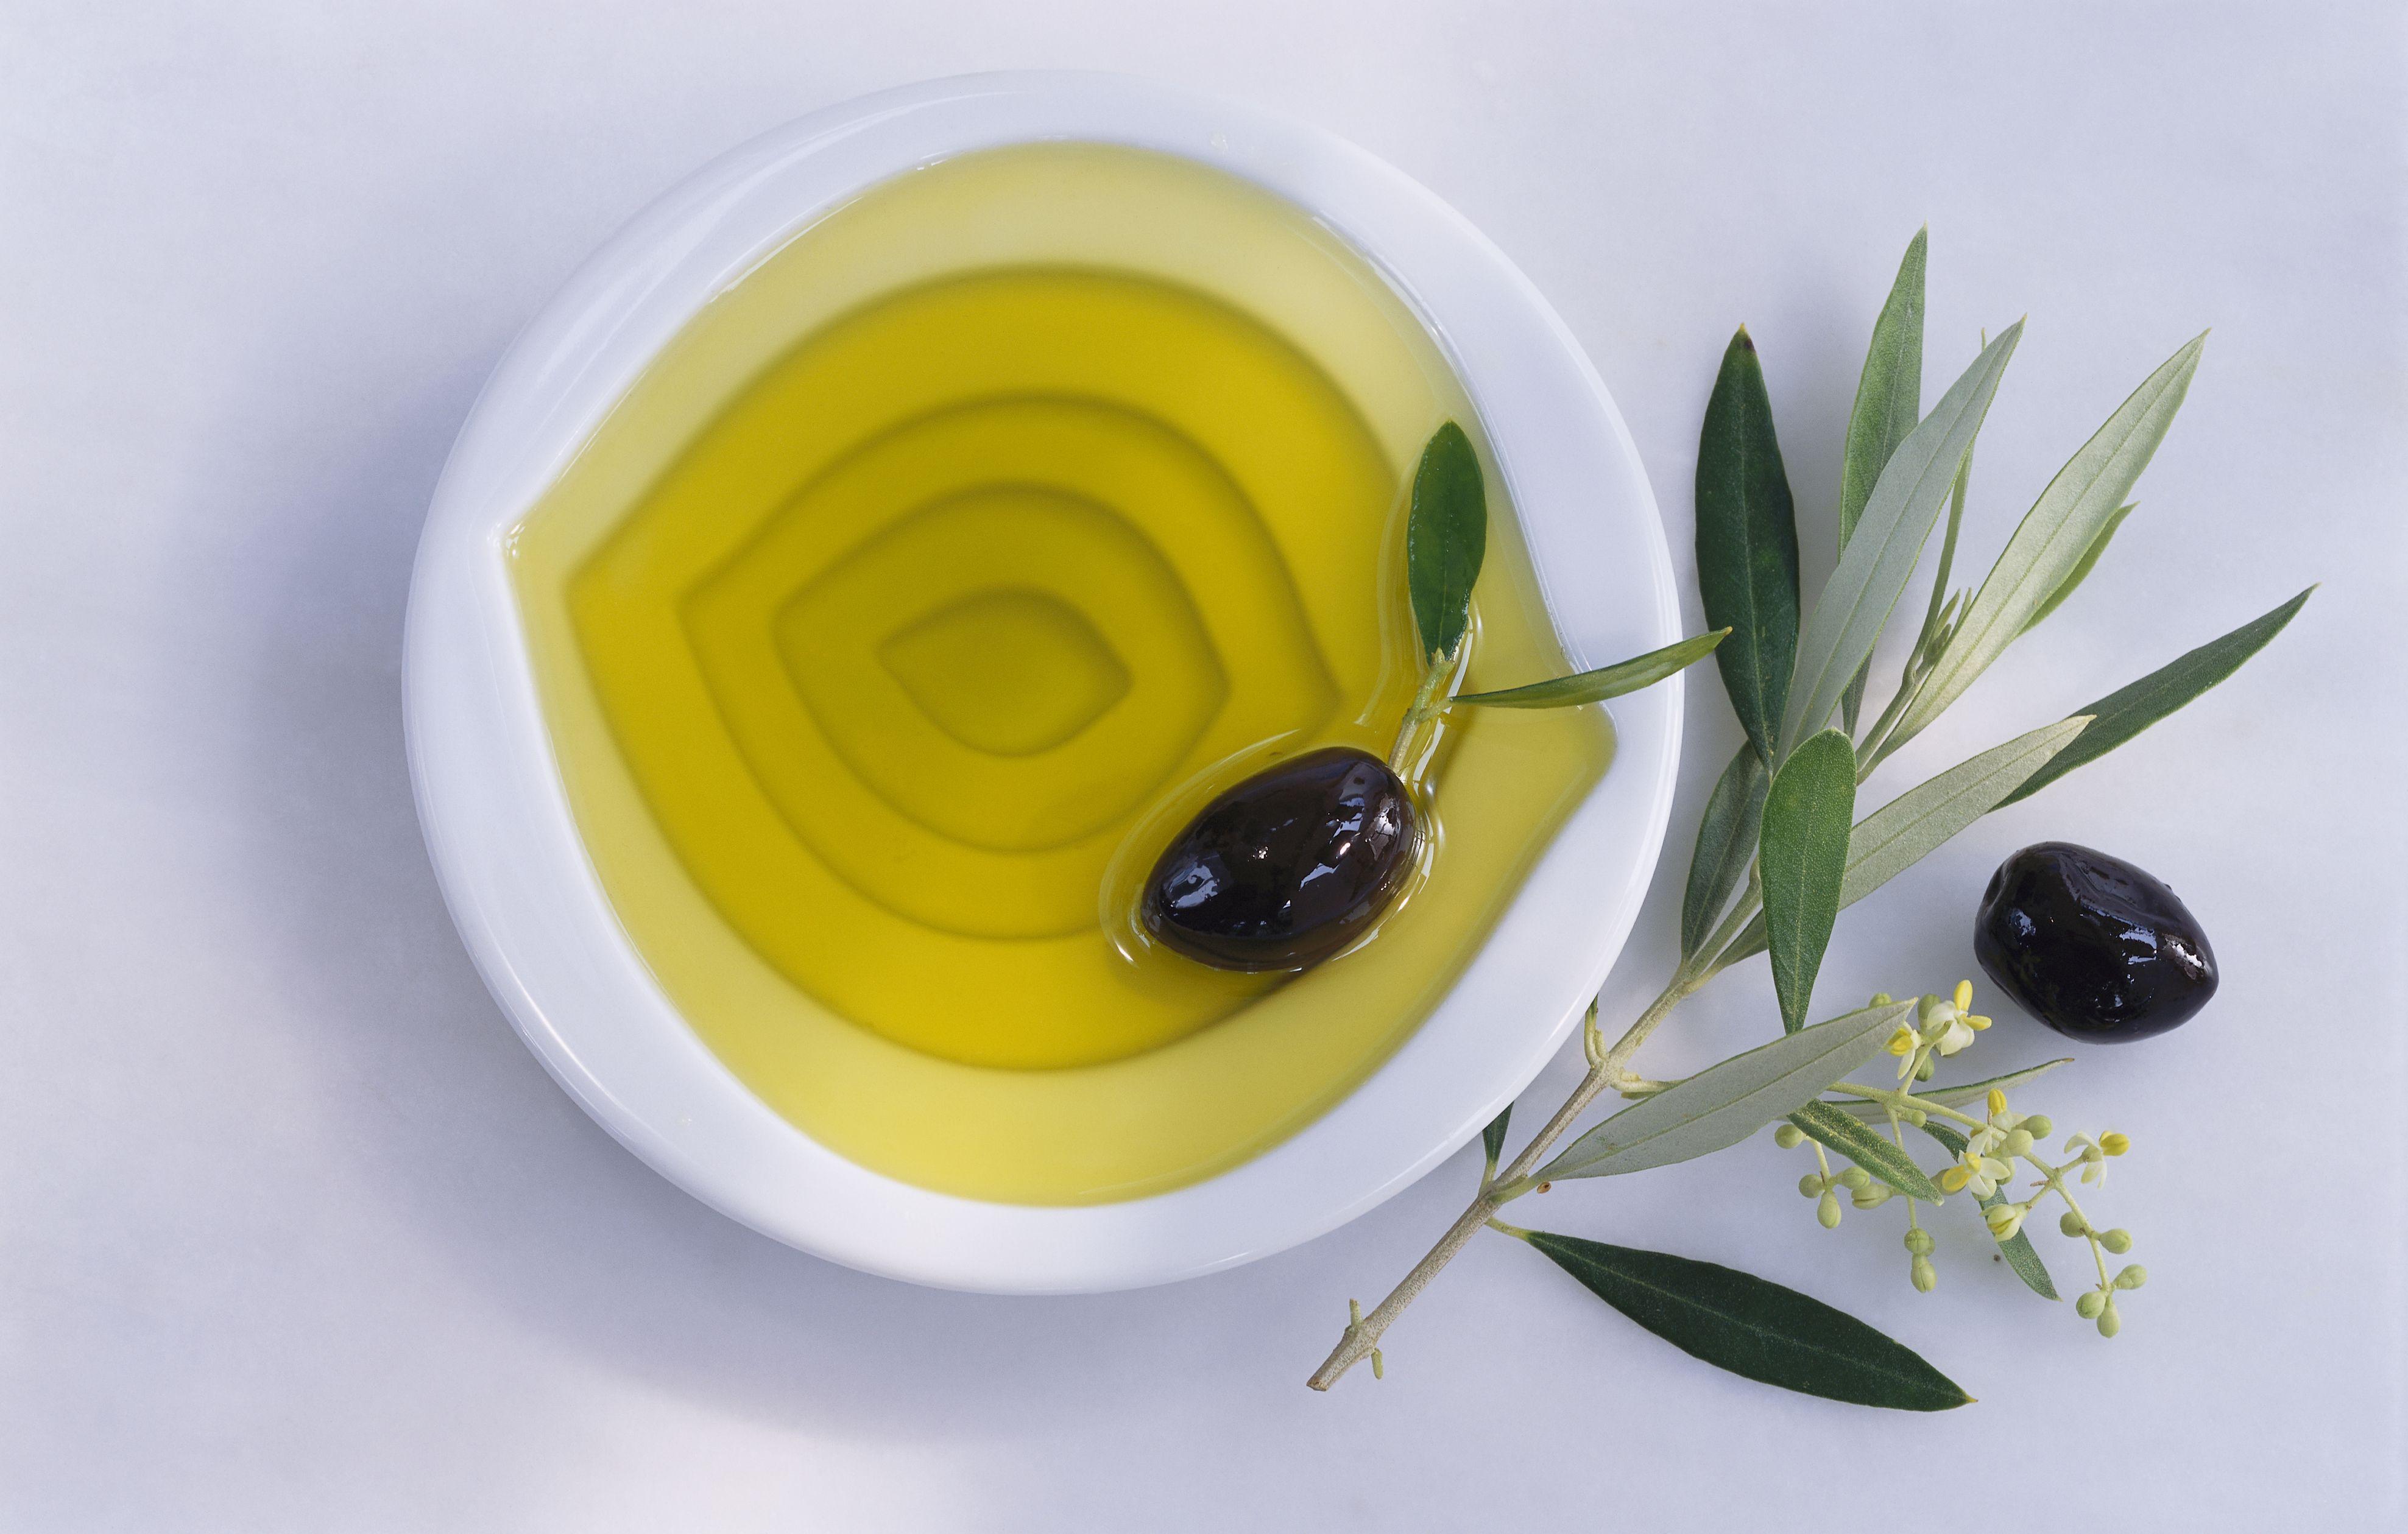 Bowl of olive oil, olives, twig of olive tree